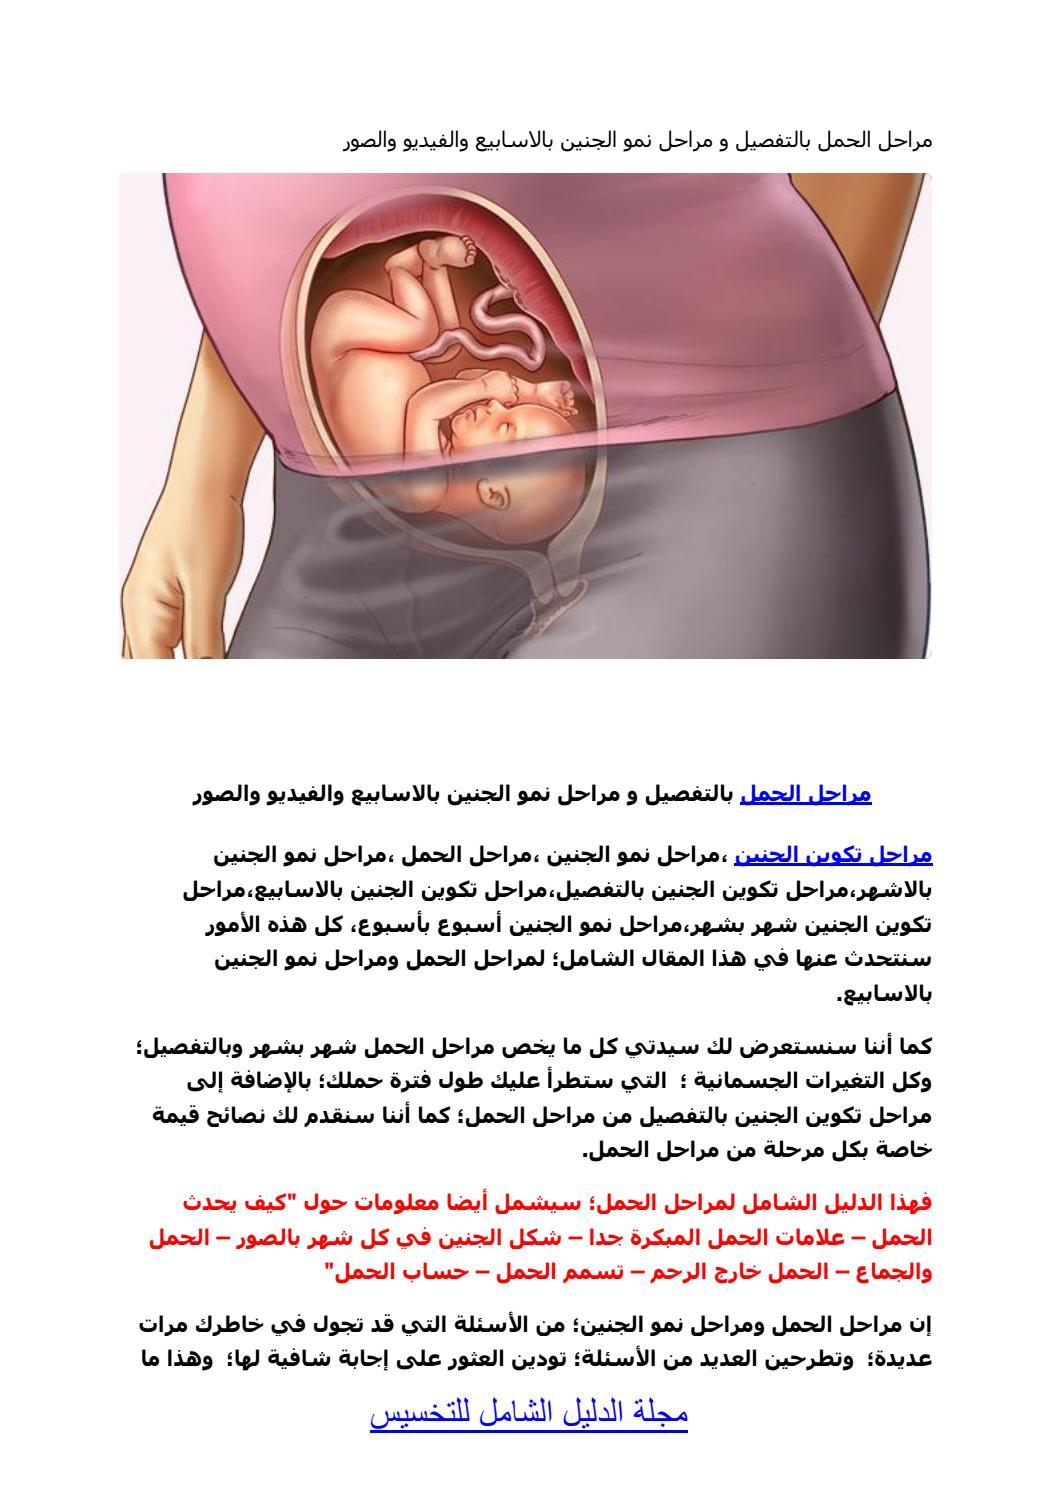 مراحل تكوين الجنين بالصور 0